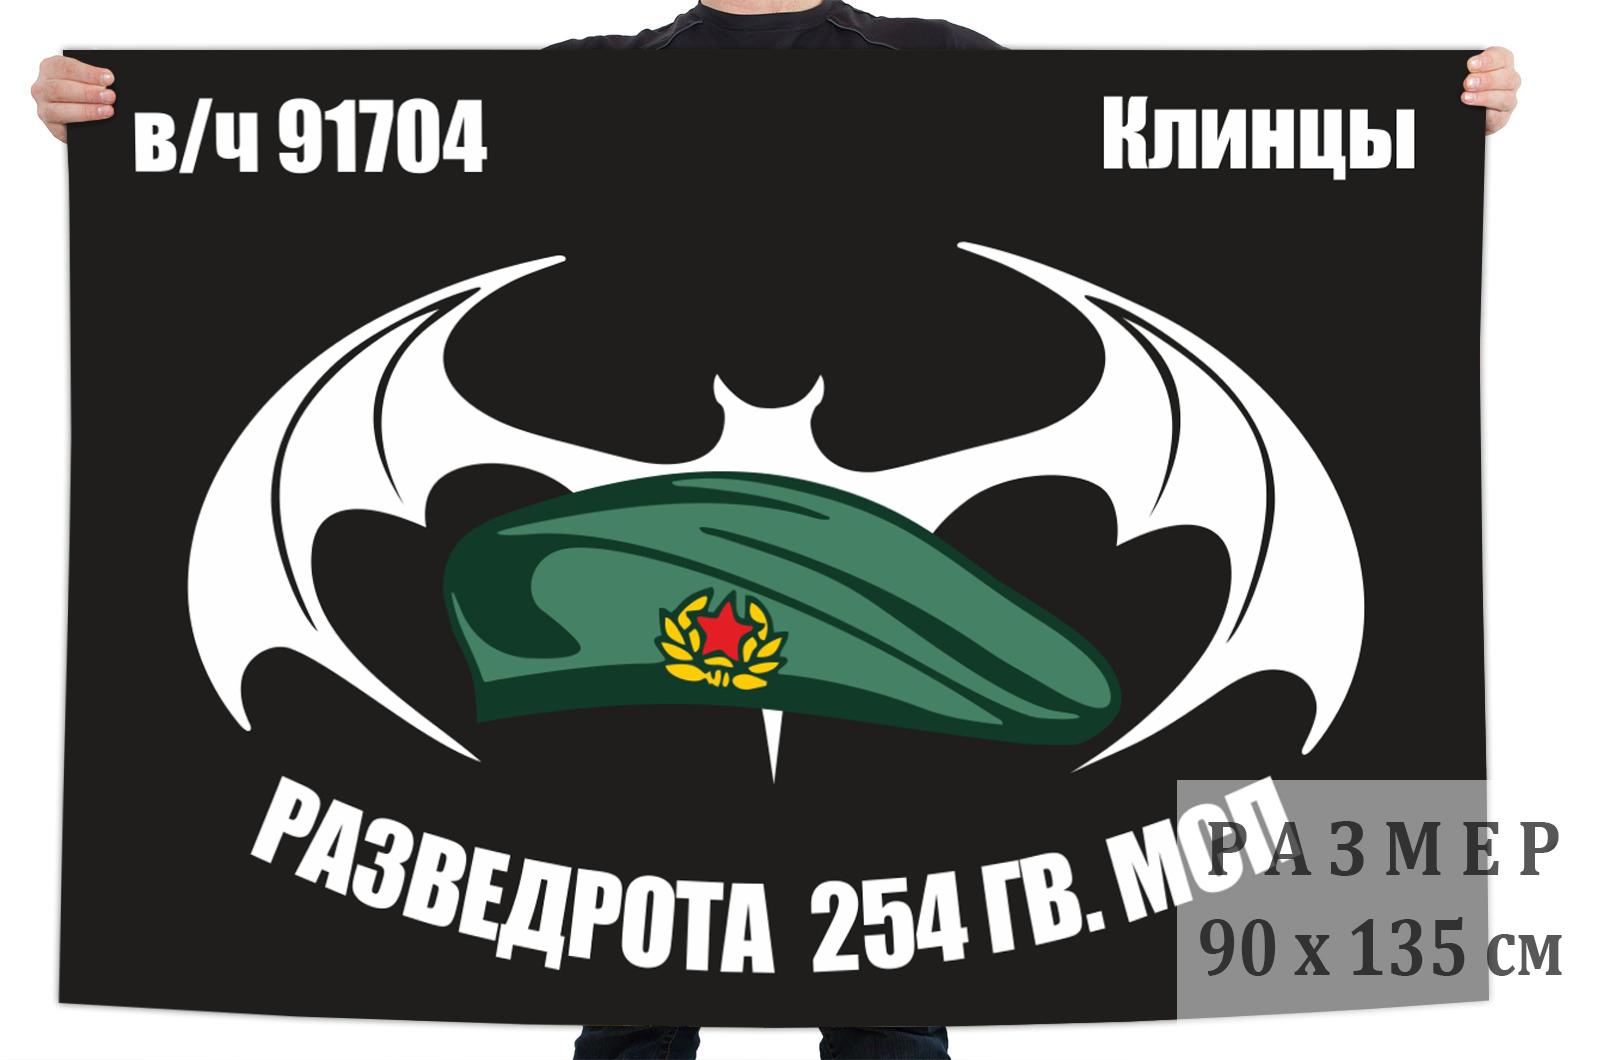 Флаг Разведроты 254 Гв. МСП